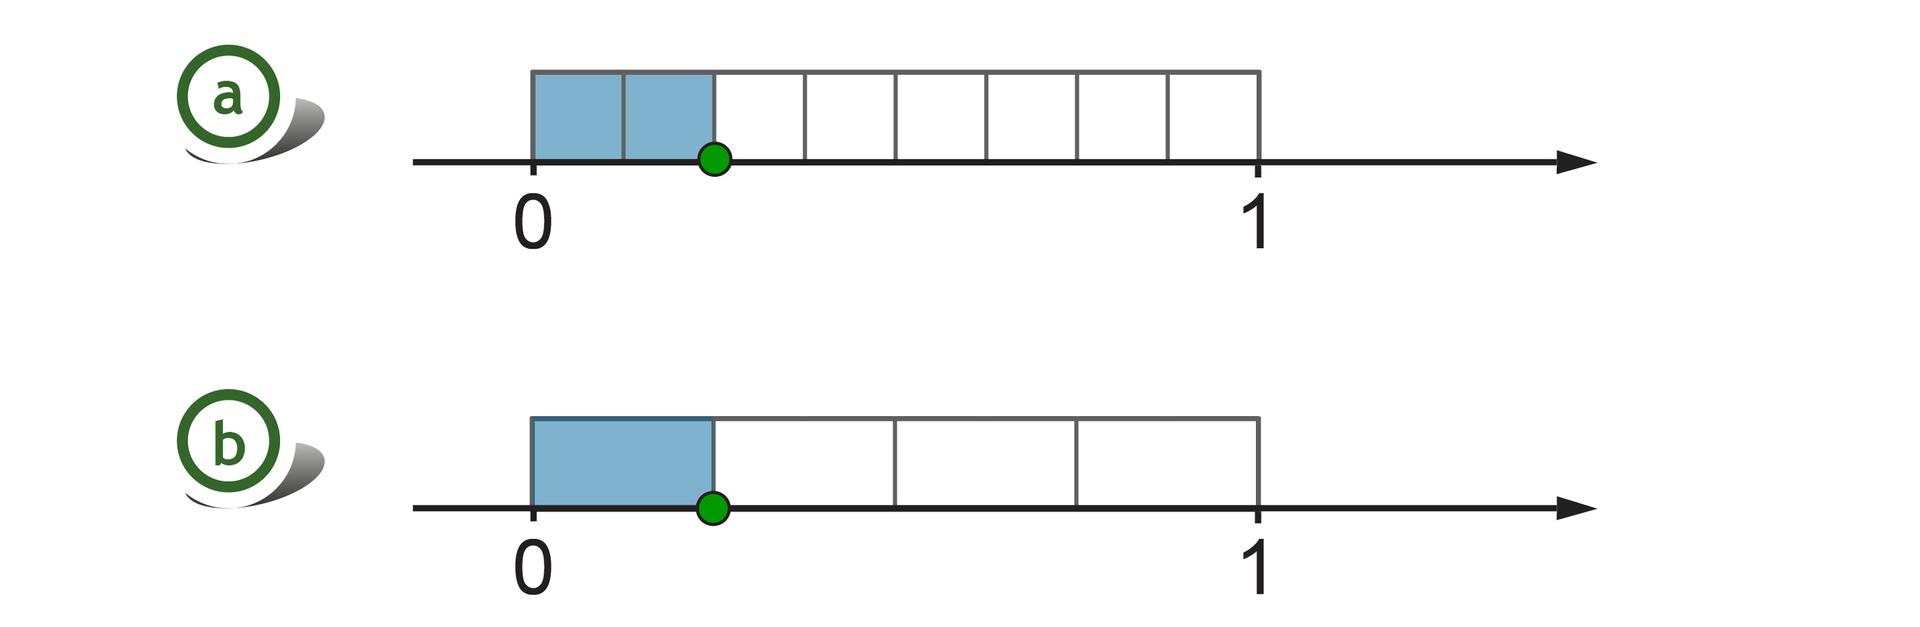 Rysunek dwóch osi liczbowych zzaznaczonymi punktami 0 i1. Nad każdą zosi, pomiędzy punktami 0 i1, zaznaczony prostokąt. Nad pierwszą osią prostokąt podzielony na 8 równych części - szukany punkt wyznacza dwie zamalowane części. Nad drugą osią prostokąt podzielony na 4 równe części - szukany punkt wyznacza jedną zamalowaną część.